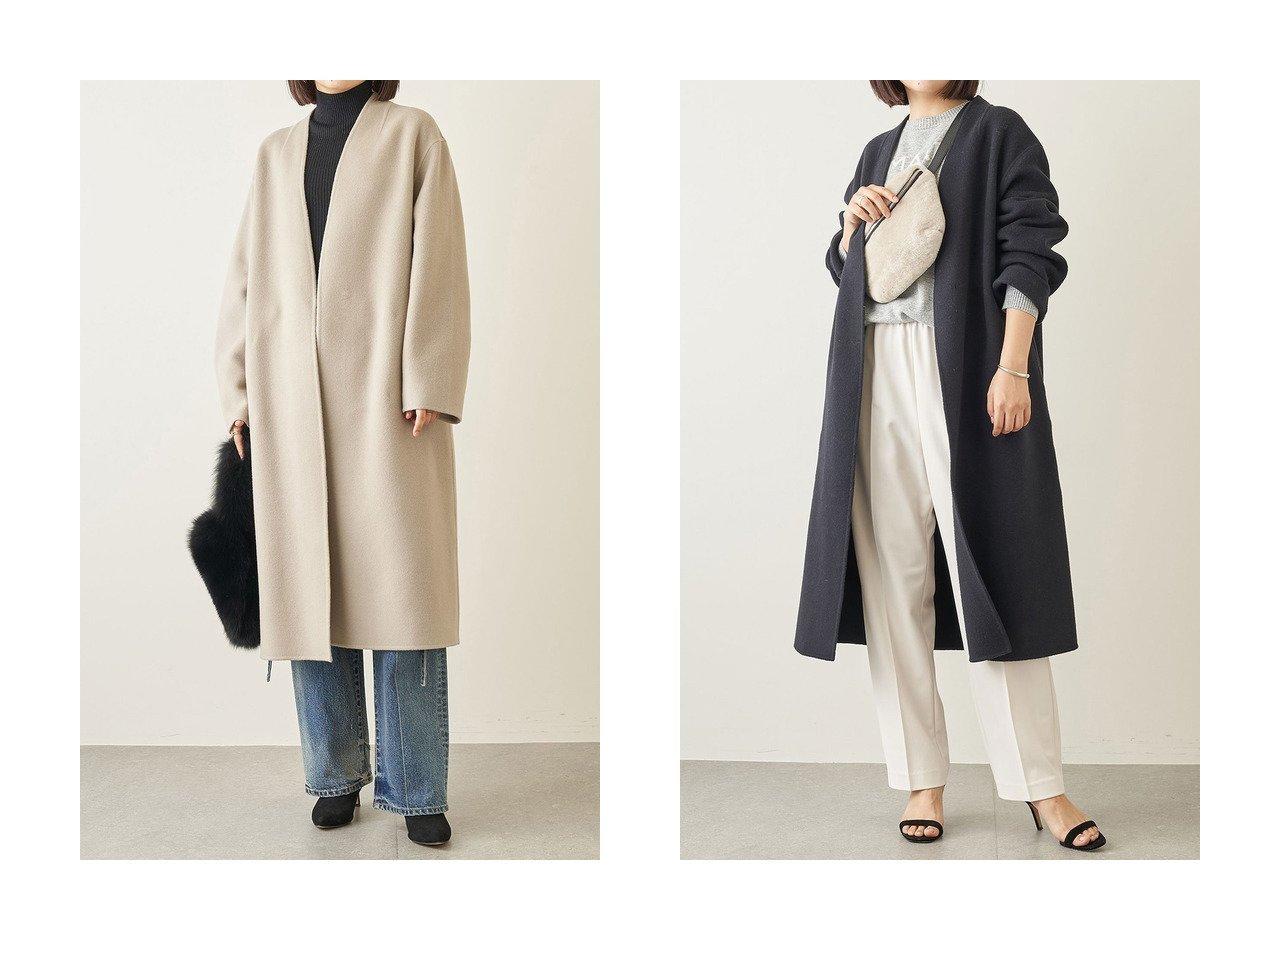 【Whim Gazette/ウィムガゼット】のINTESPRAリバーコート アウターのおすすめ!人気、レディースファッションの通販 おすすめで人気のファッション通販商品 インテリア・家具・キッズファッション・メンズファッション・レディースファッション・服の通販 founy(ファニー) https://founy.com/ ファッション Fashion レディース WOMEN アウター Coat Outerwear コート Coats イタリア カシミア ショルダー ドロップ バランス ベーシック ロング  ID:crp329100000001644